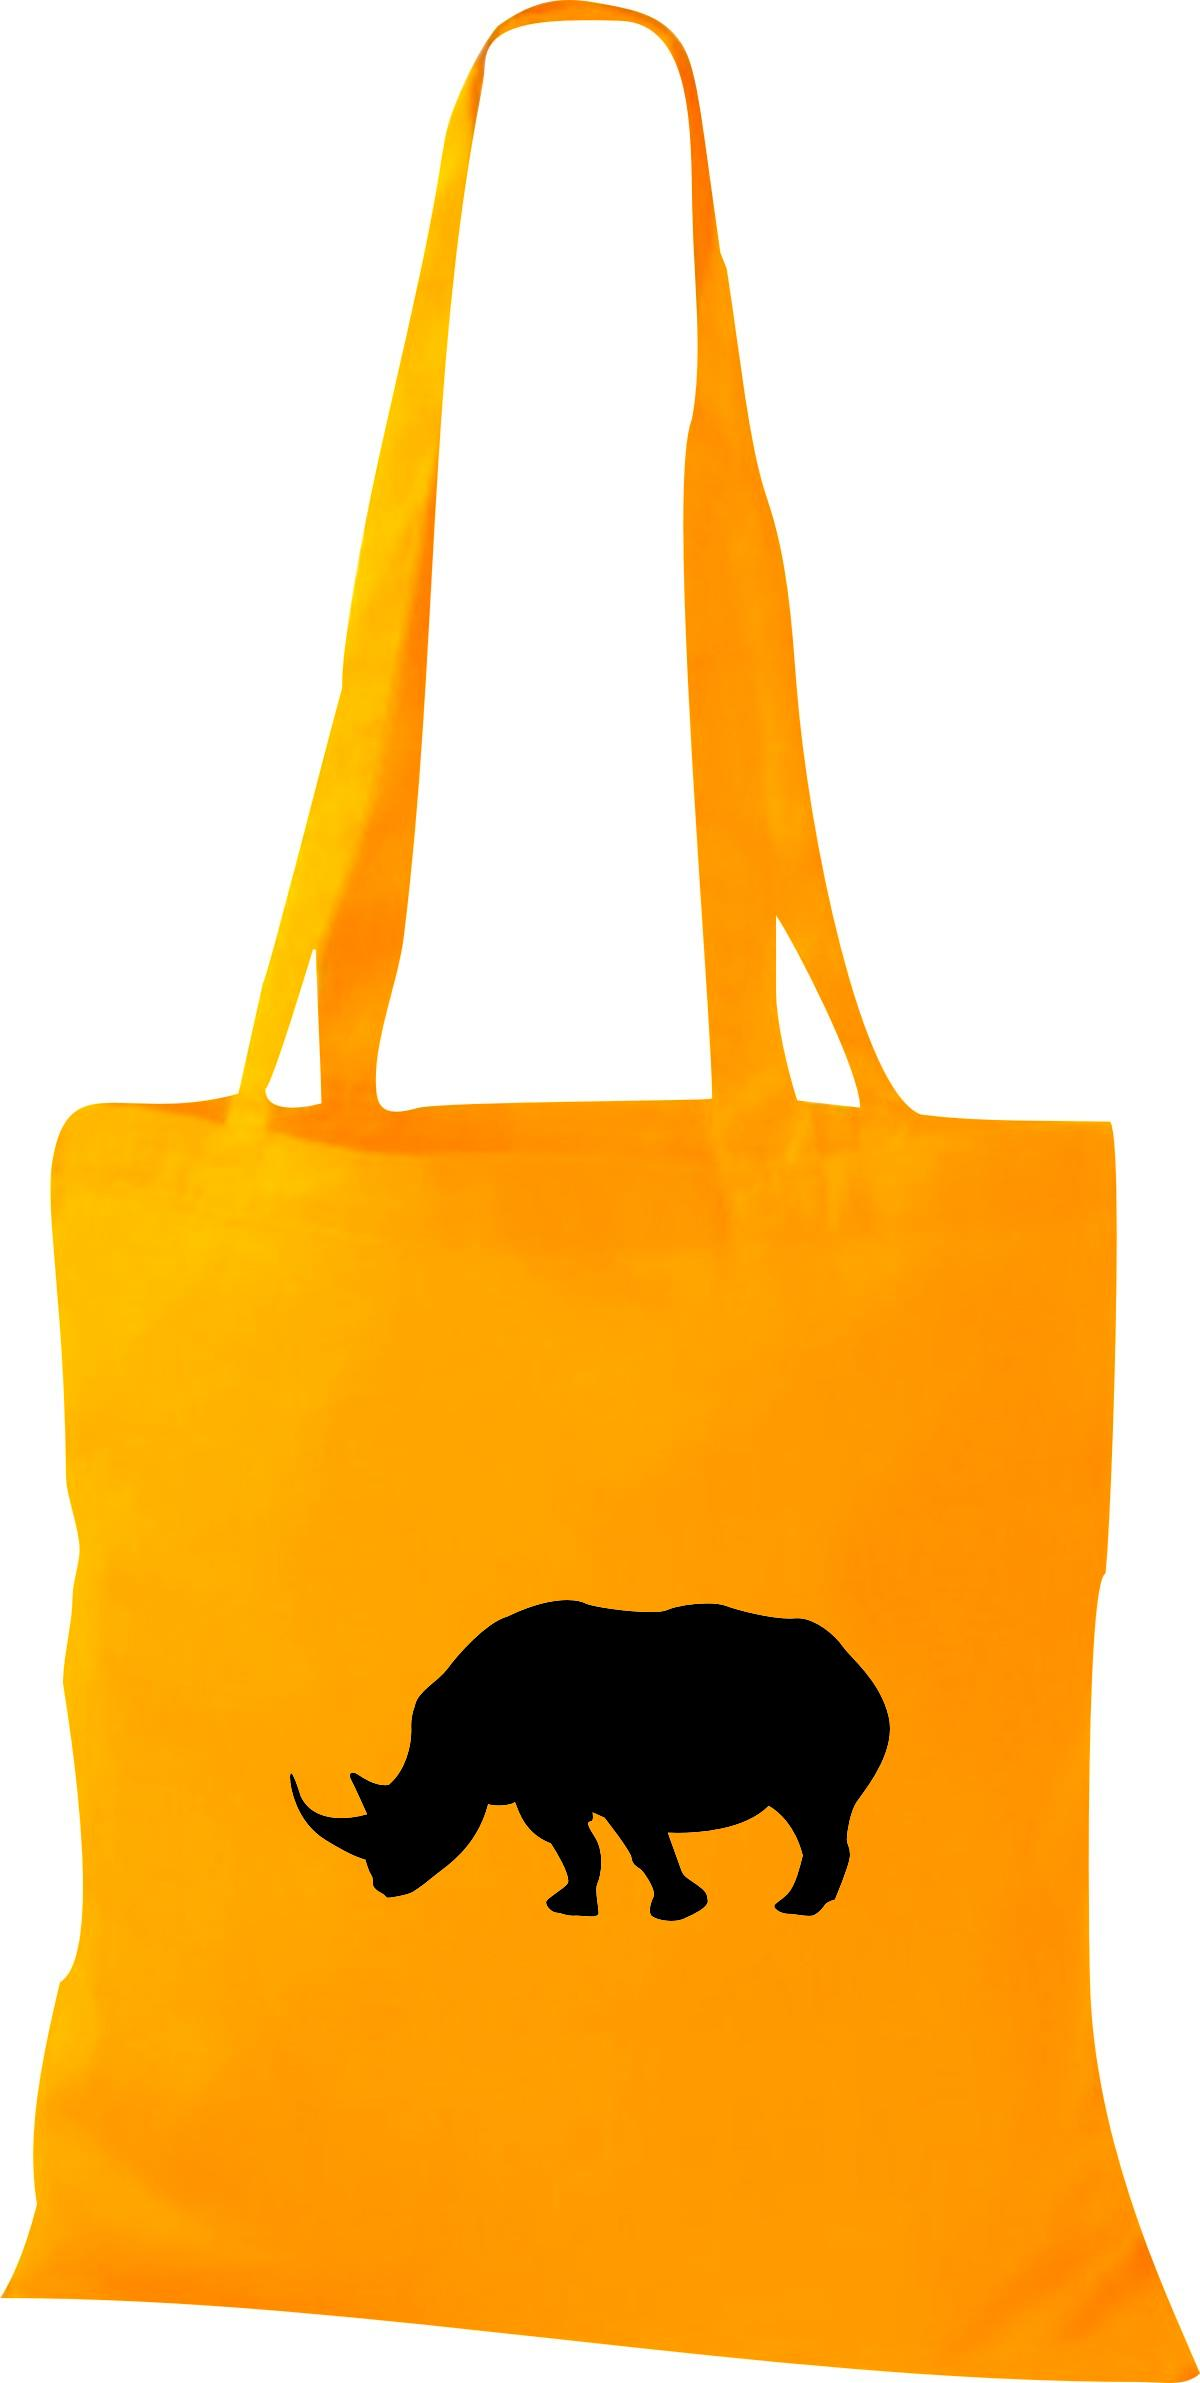 Stoffbeutel lustige Tiermotive,Nashorn Kult Baumwolltasche viele Farben